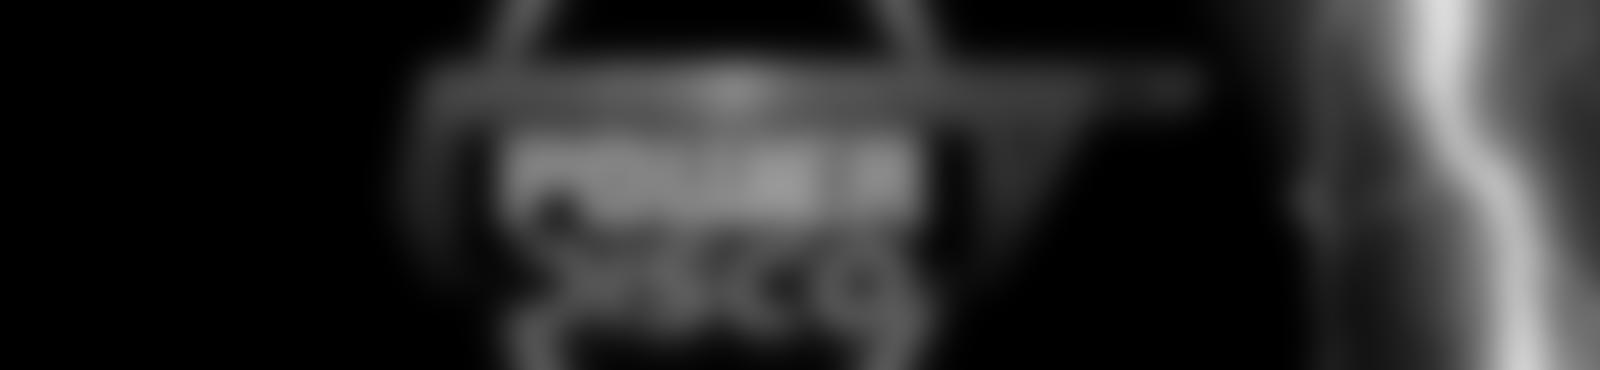 Blurred ad393195 4815 48ab be93 6b4ccd24de5b